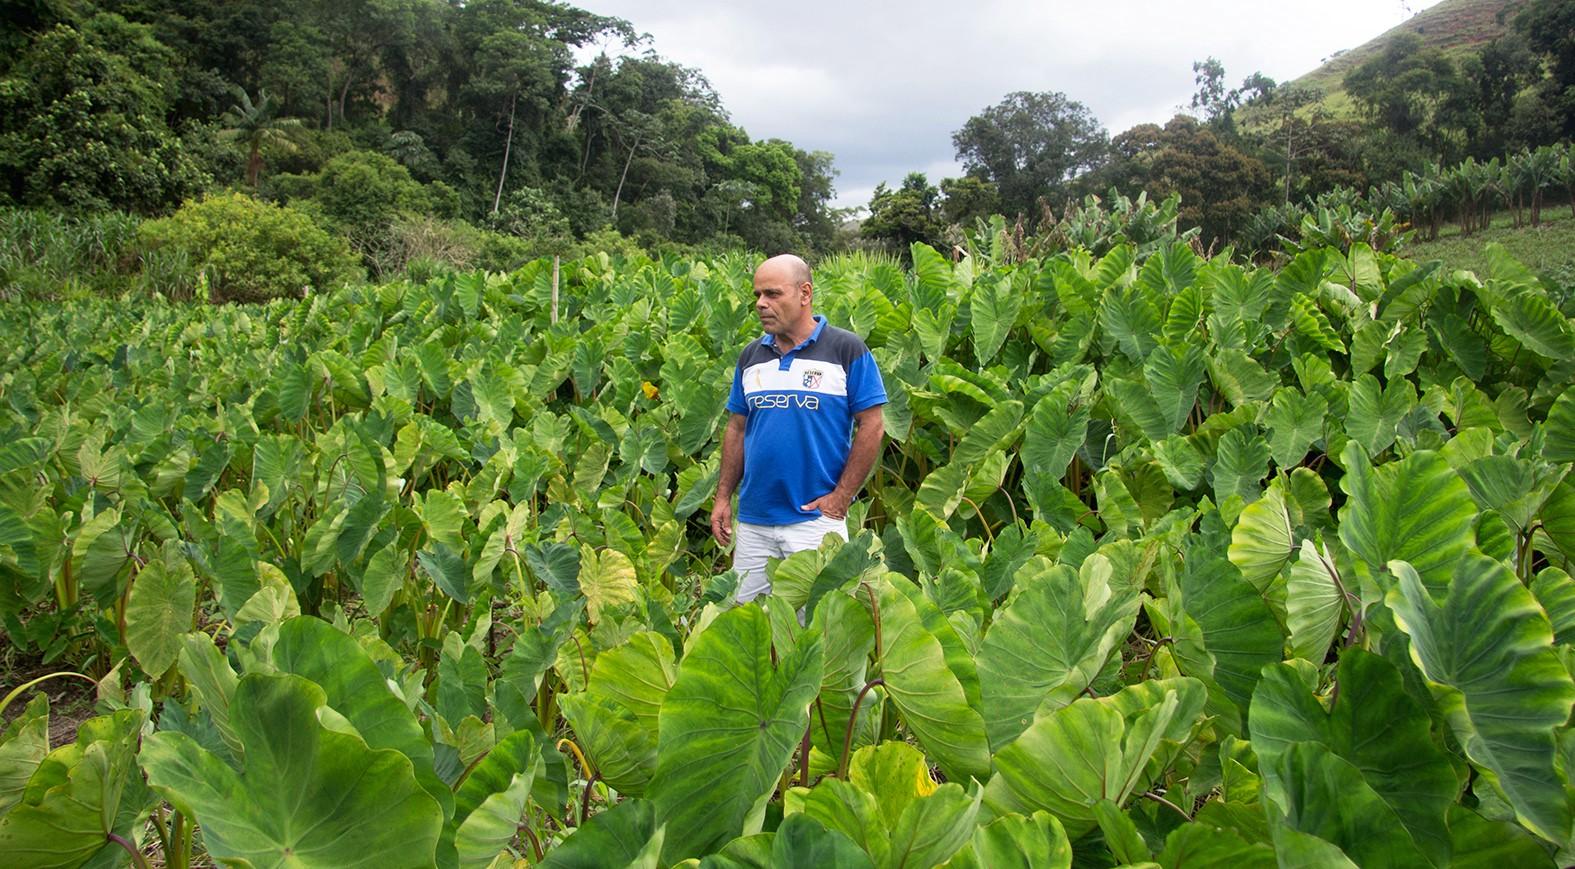 Uma homenagem à figura mais importante do nosso Clube: o produtor agrícola -